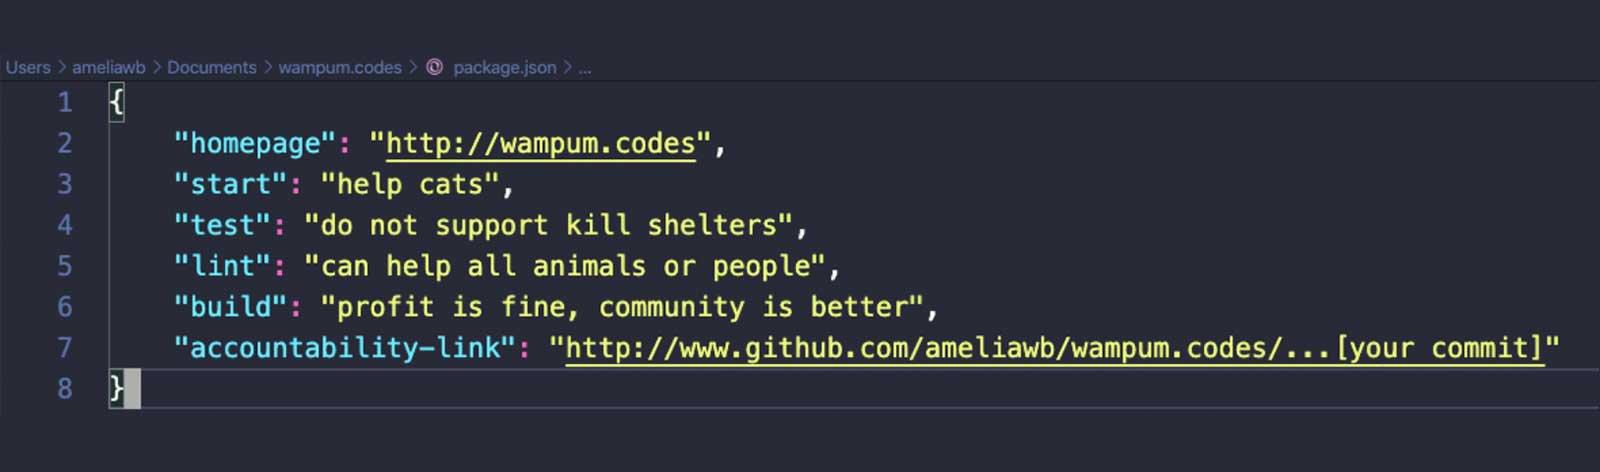 Screen cap of code